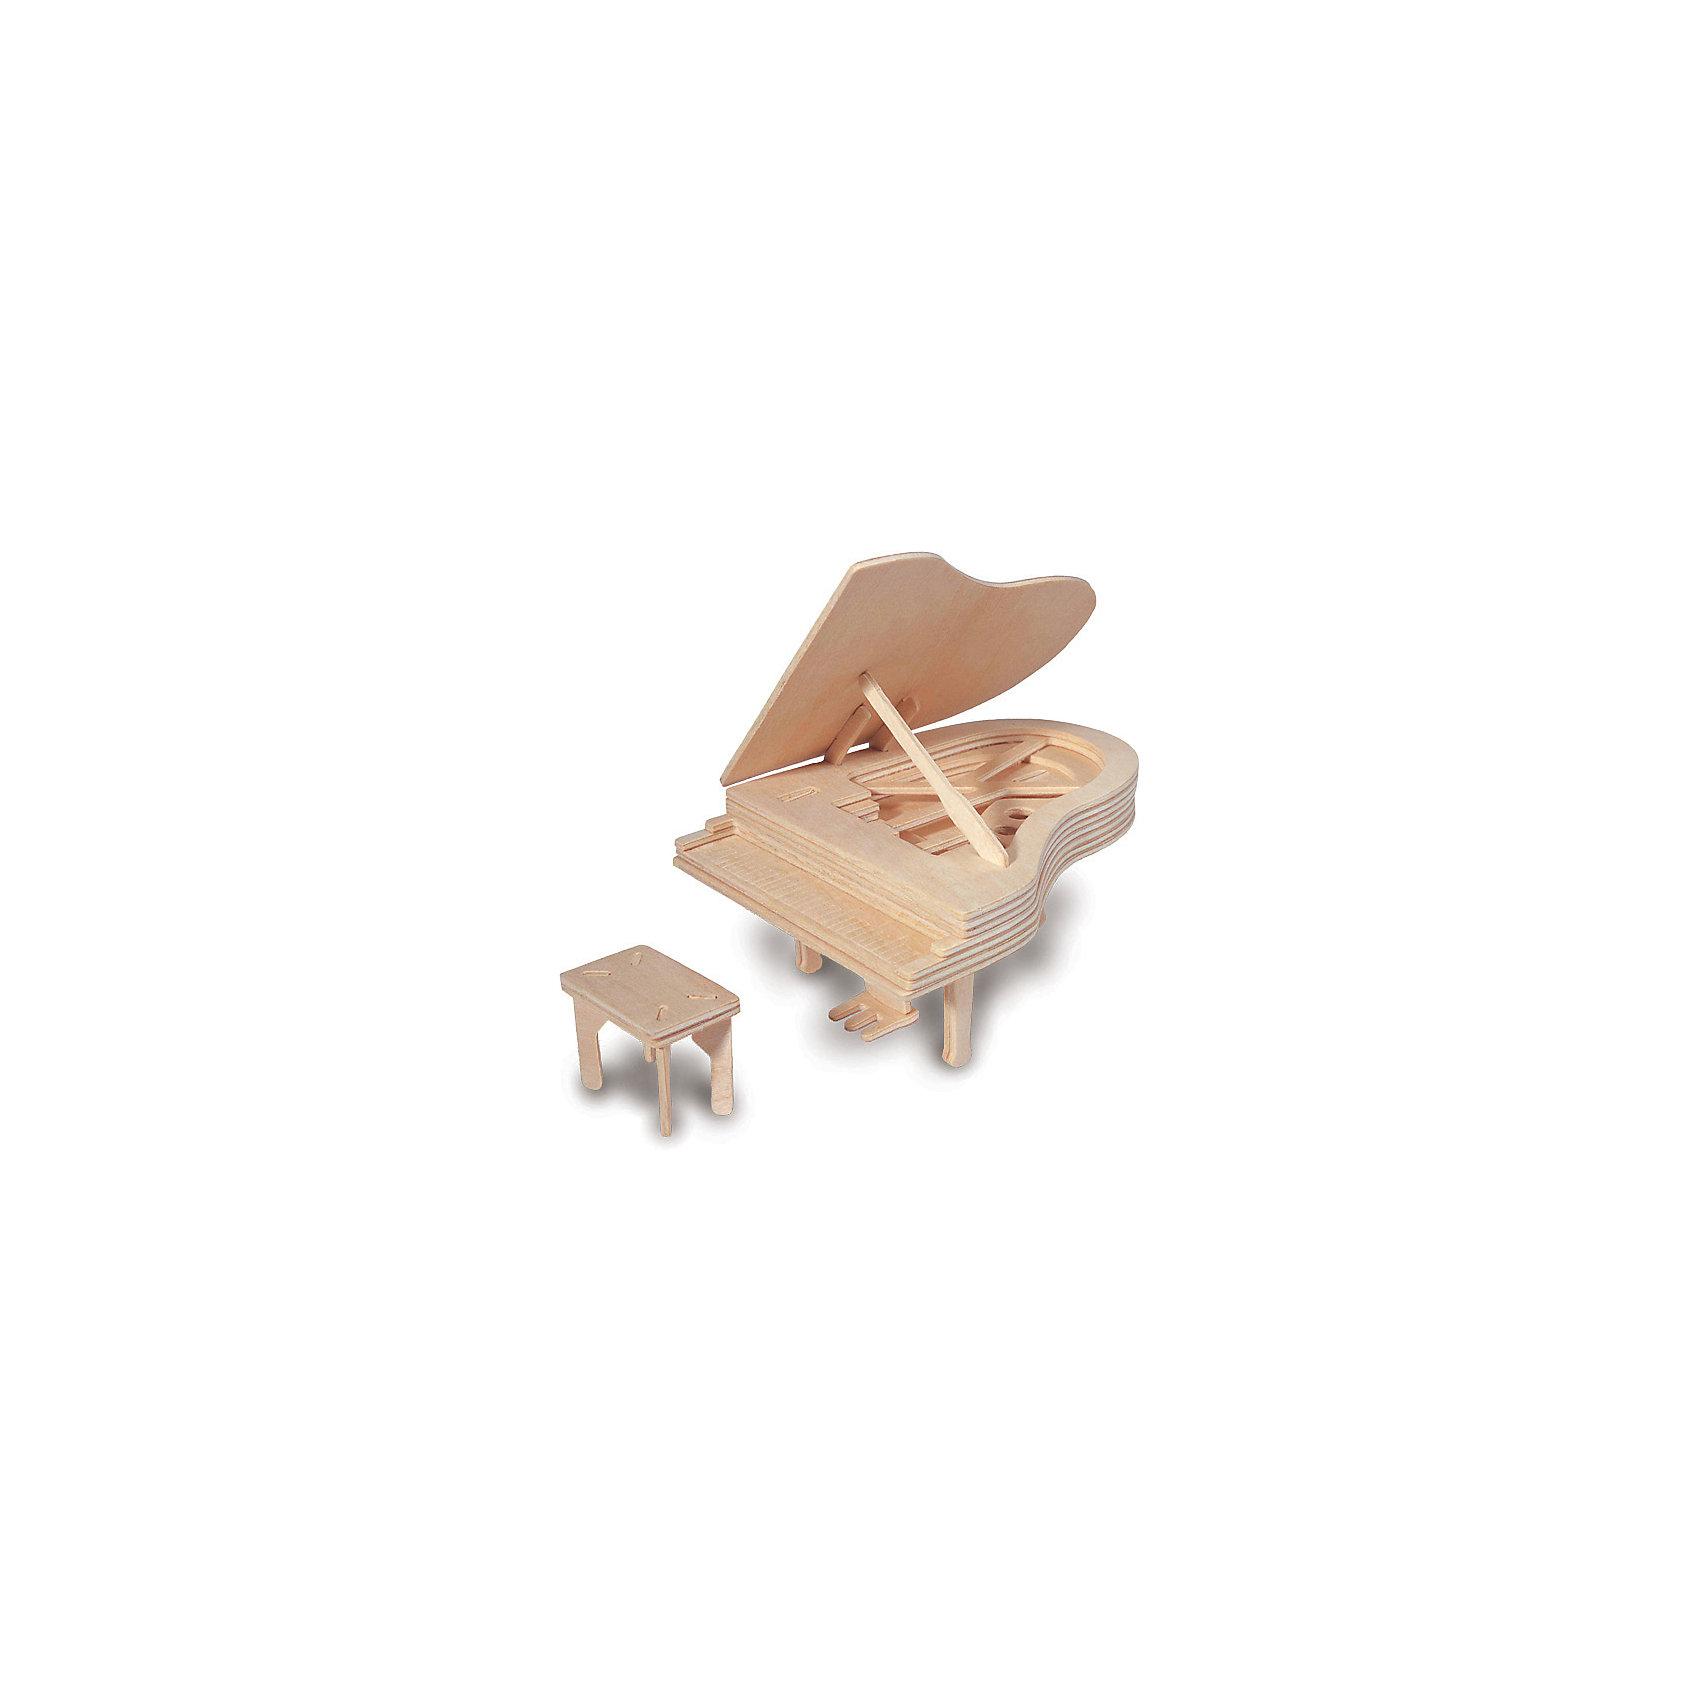 Пианино, Мир деревянных игрушекДеревянные конструкторы<br>Отличный вариант подарка для творческого ребенка - этот набор, из которого можно самому сделать красивую деревянную фигуру! Для этого нужно выдавить из пластины с деталями элементы для сборки и соединить их. Специально для детей, любящих творчество и интересующихся музыкой, были разработаны эти 3D-пазлы. Из них получаются красивые очень реалистичные фигуры, которые могут стать украшением комнаты.<br>Собирая их, ребенок будет учиться соотносить фигуры, развивать пространственное мышление, память и мелкую моторику. А раскрашивая готовое произведение, дети научатся подбирать цвета и будут развивать художественные навыки. Этот набор произведен из качественных и безопасных для детей материалов - дерево тщательно обработано.<br><br>Дополнительная информация:<br><br>материал: дерево;<br>цвет: бежевый;<br>элементы: пластины с деталями для сборки;<br>размер упаковки: 23 х 18 см.<br><br>3D-пазл Пианино от бренда Мир деревянных игрушек можно купить в нашем магазине.<br><br>Ширина мм: 225<br>Глубина мм: 30<br>Высота мм: 180<br>Вес г: 450<br>Возраст от месяцев: 36<br>Возраст до месяцев: 144<br>Пол: Унисекс<br>Возраст: Детский<br>SKU: 4969056